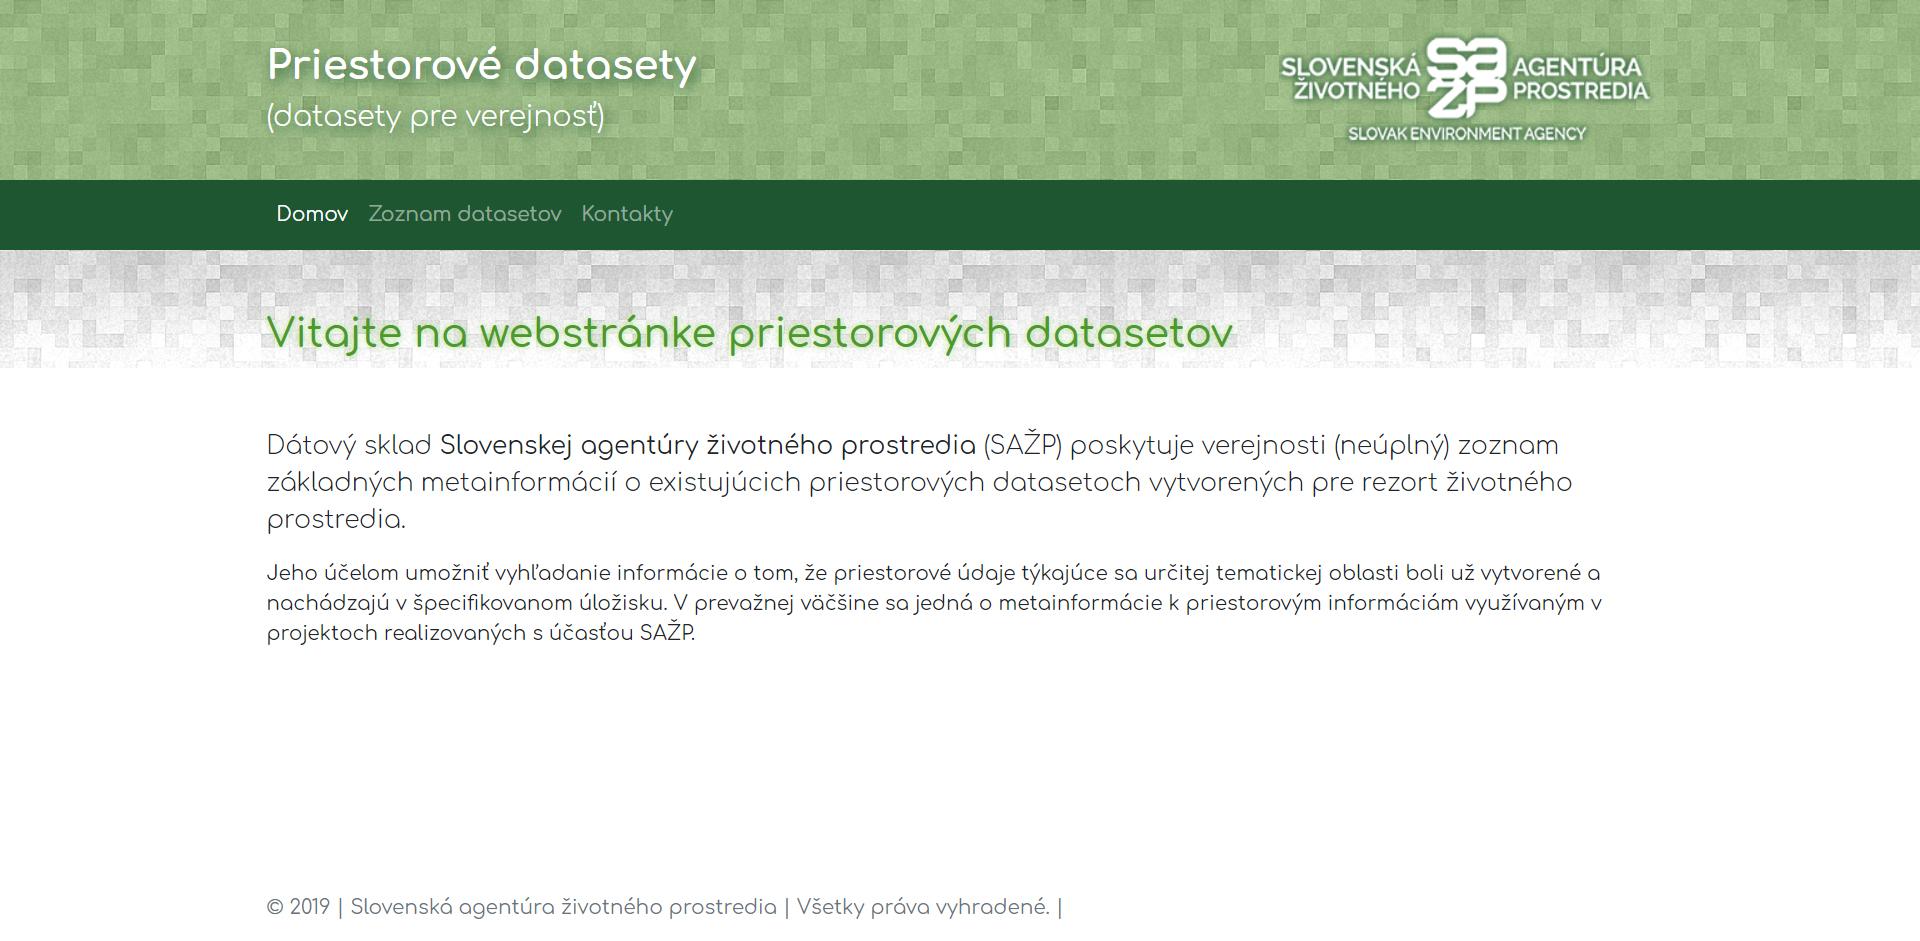 Dátový sklad Slovenskej agentúry životného prostredia